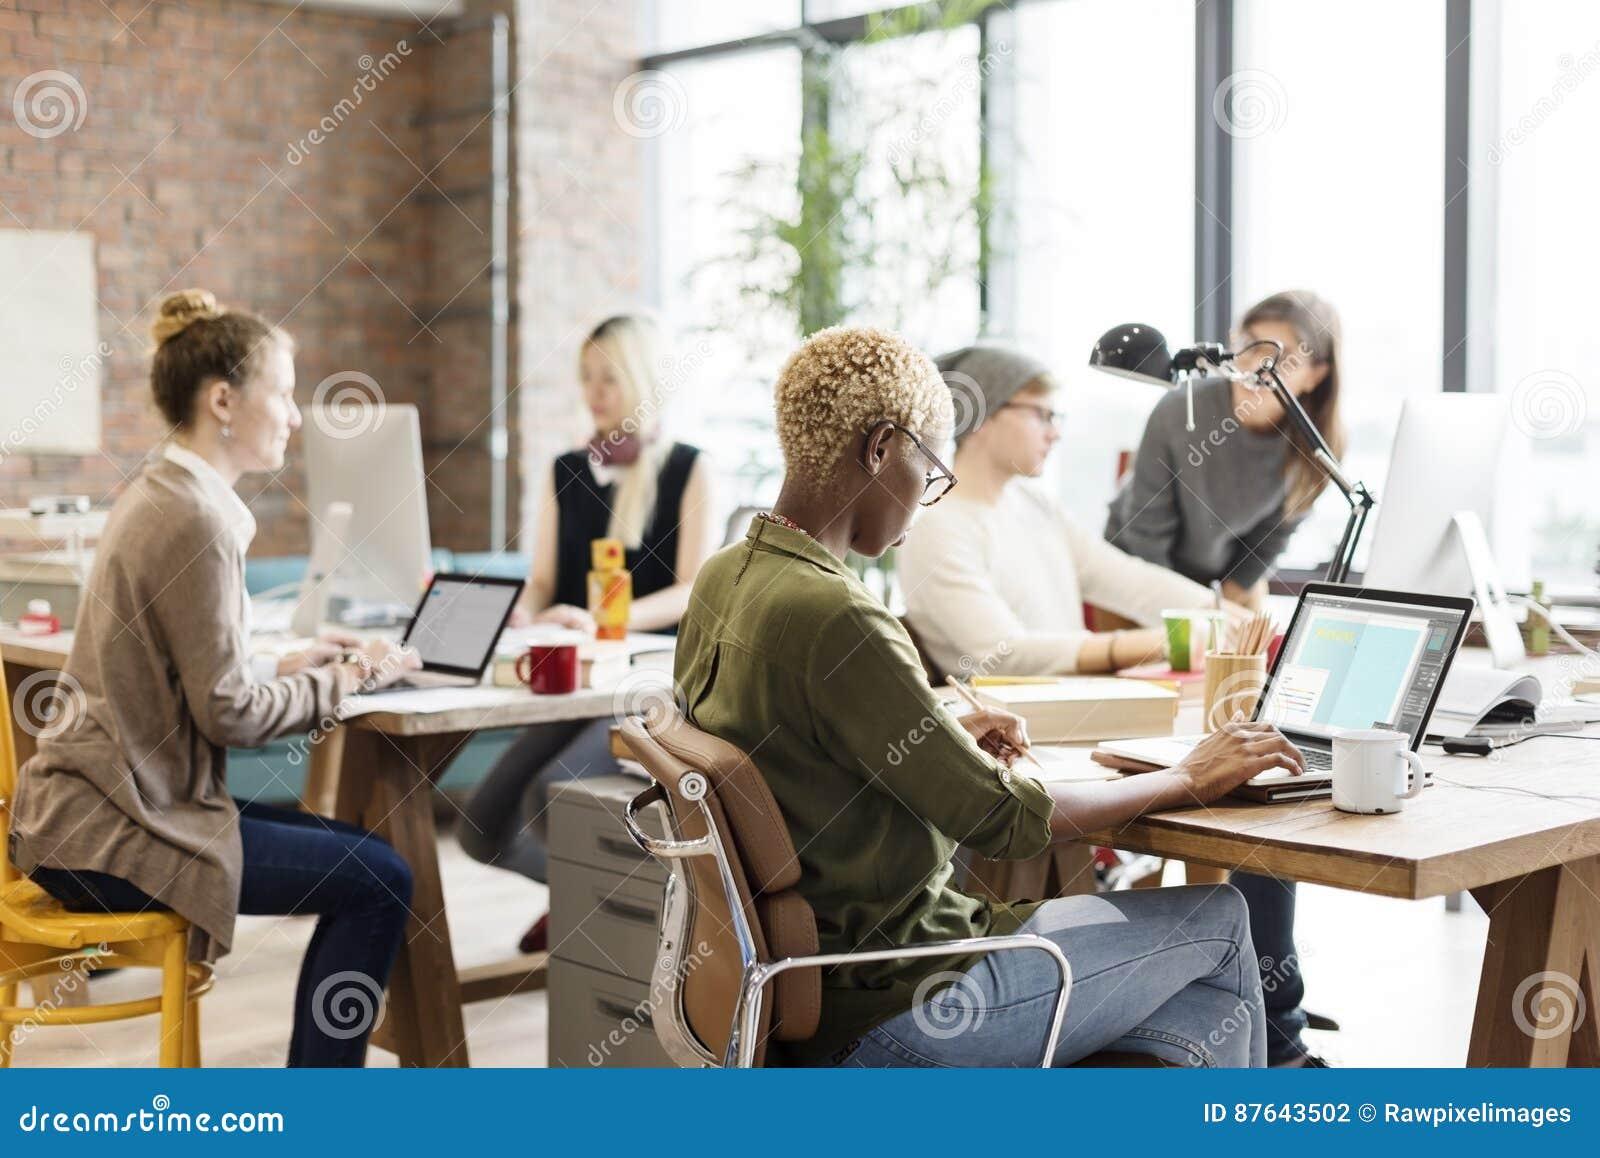 De travail d équipe concept professionnel de profession ensemble